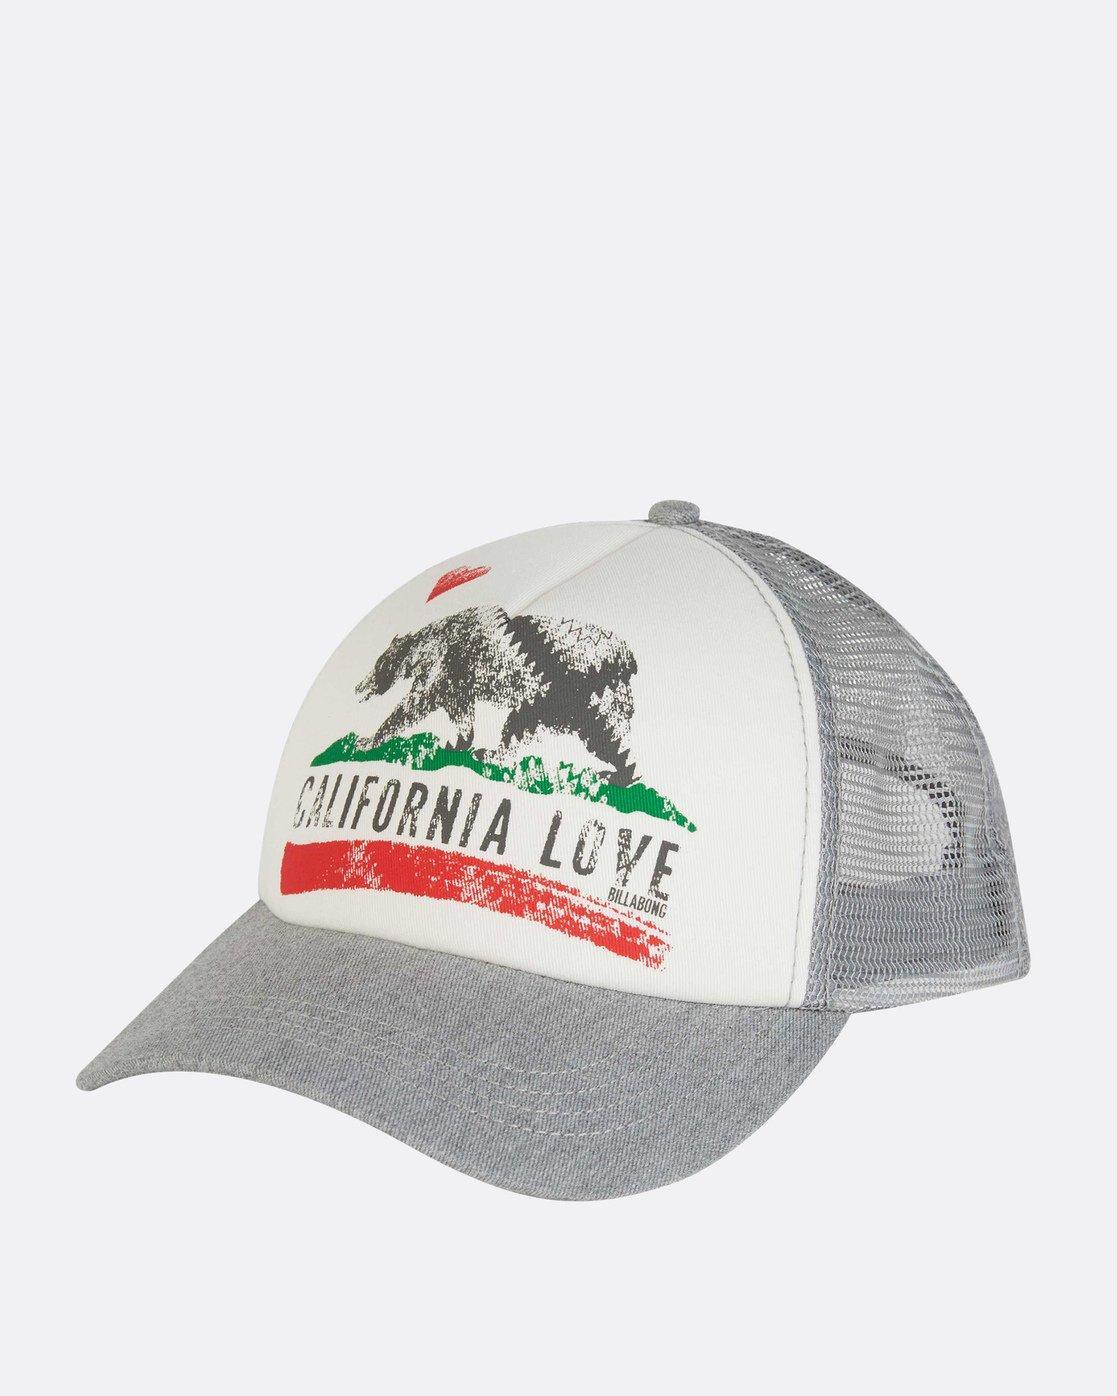 280d46303 Pitstop Trucker Hat